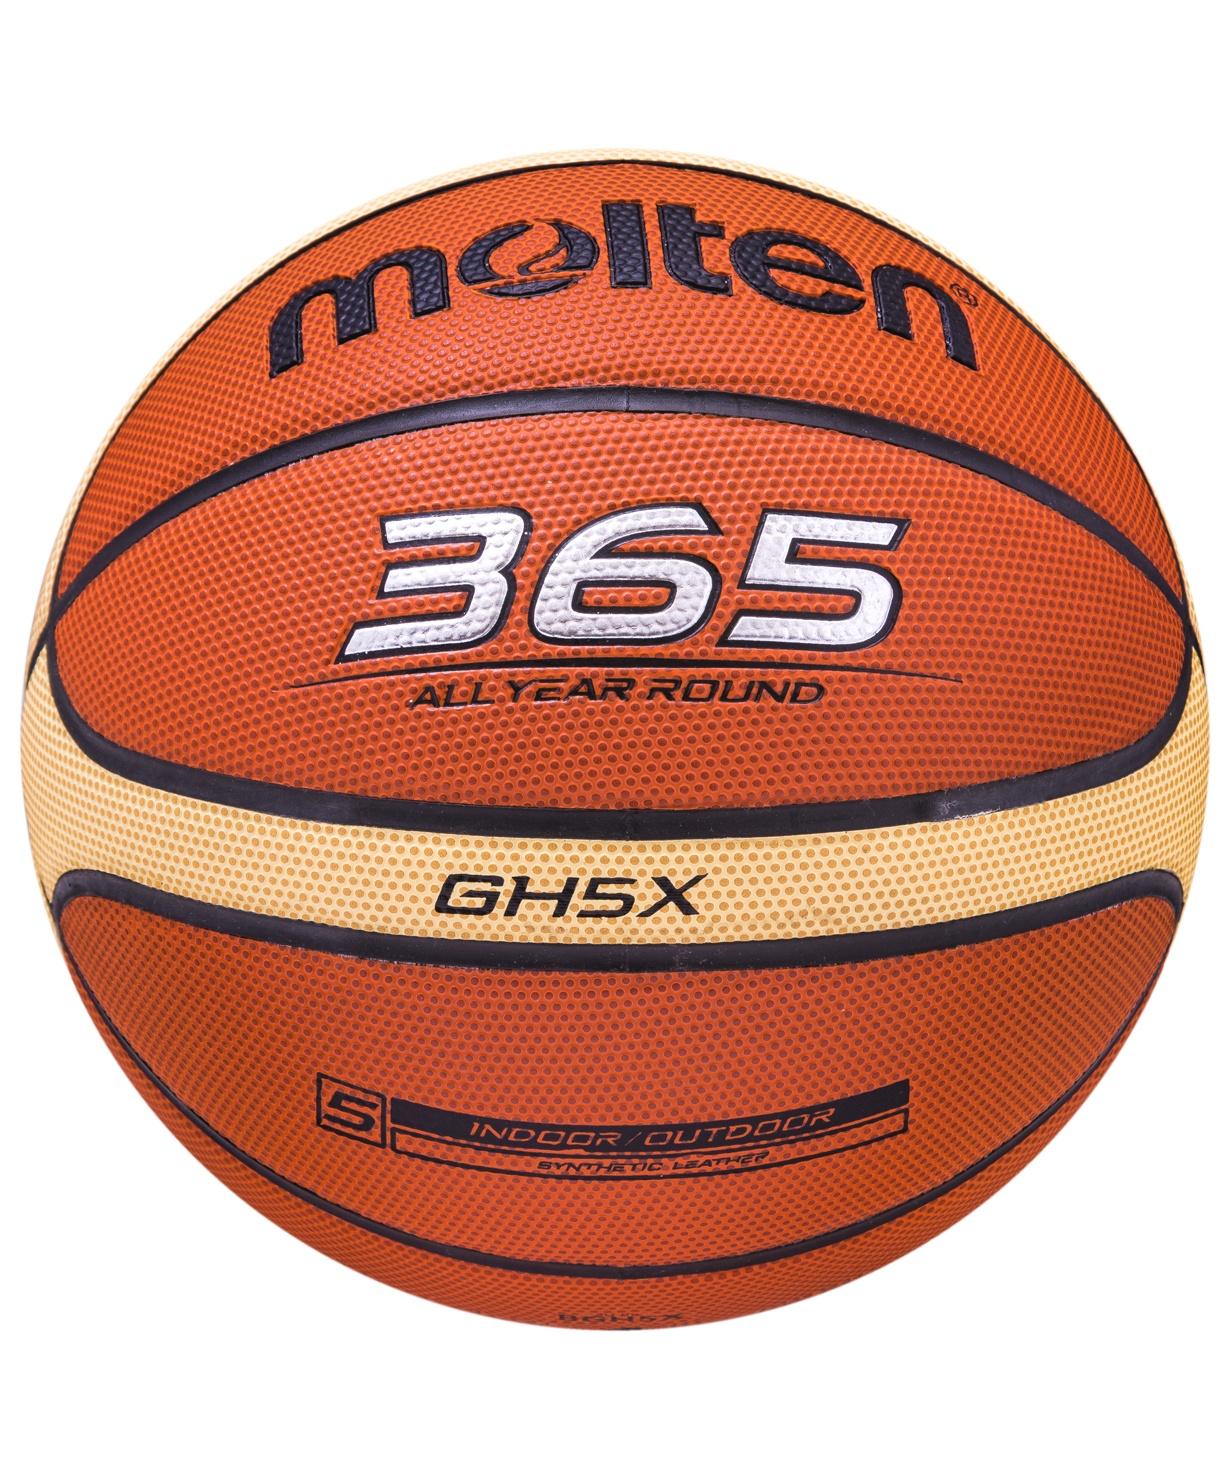 Мяч баскетбольный Molten BGH5X, Размер 5 мяч баскетбольный molten размер 5 bgm5x